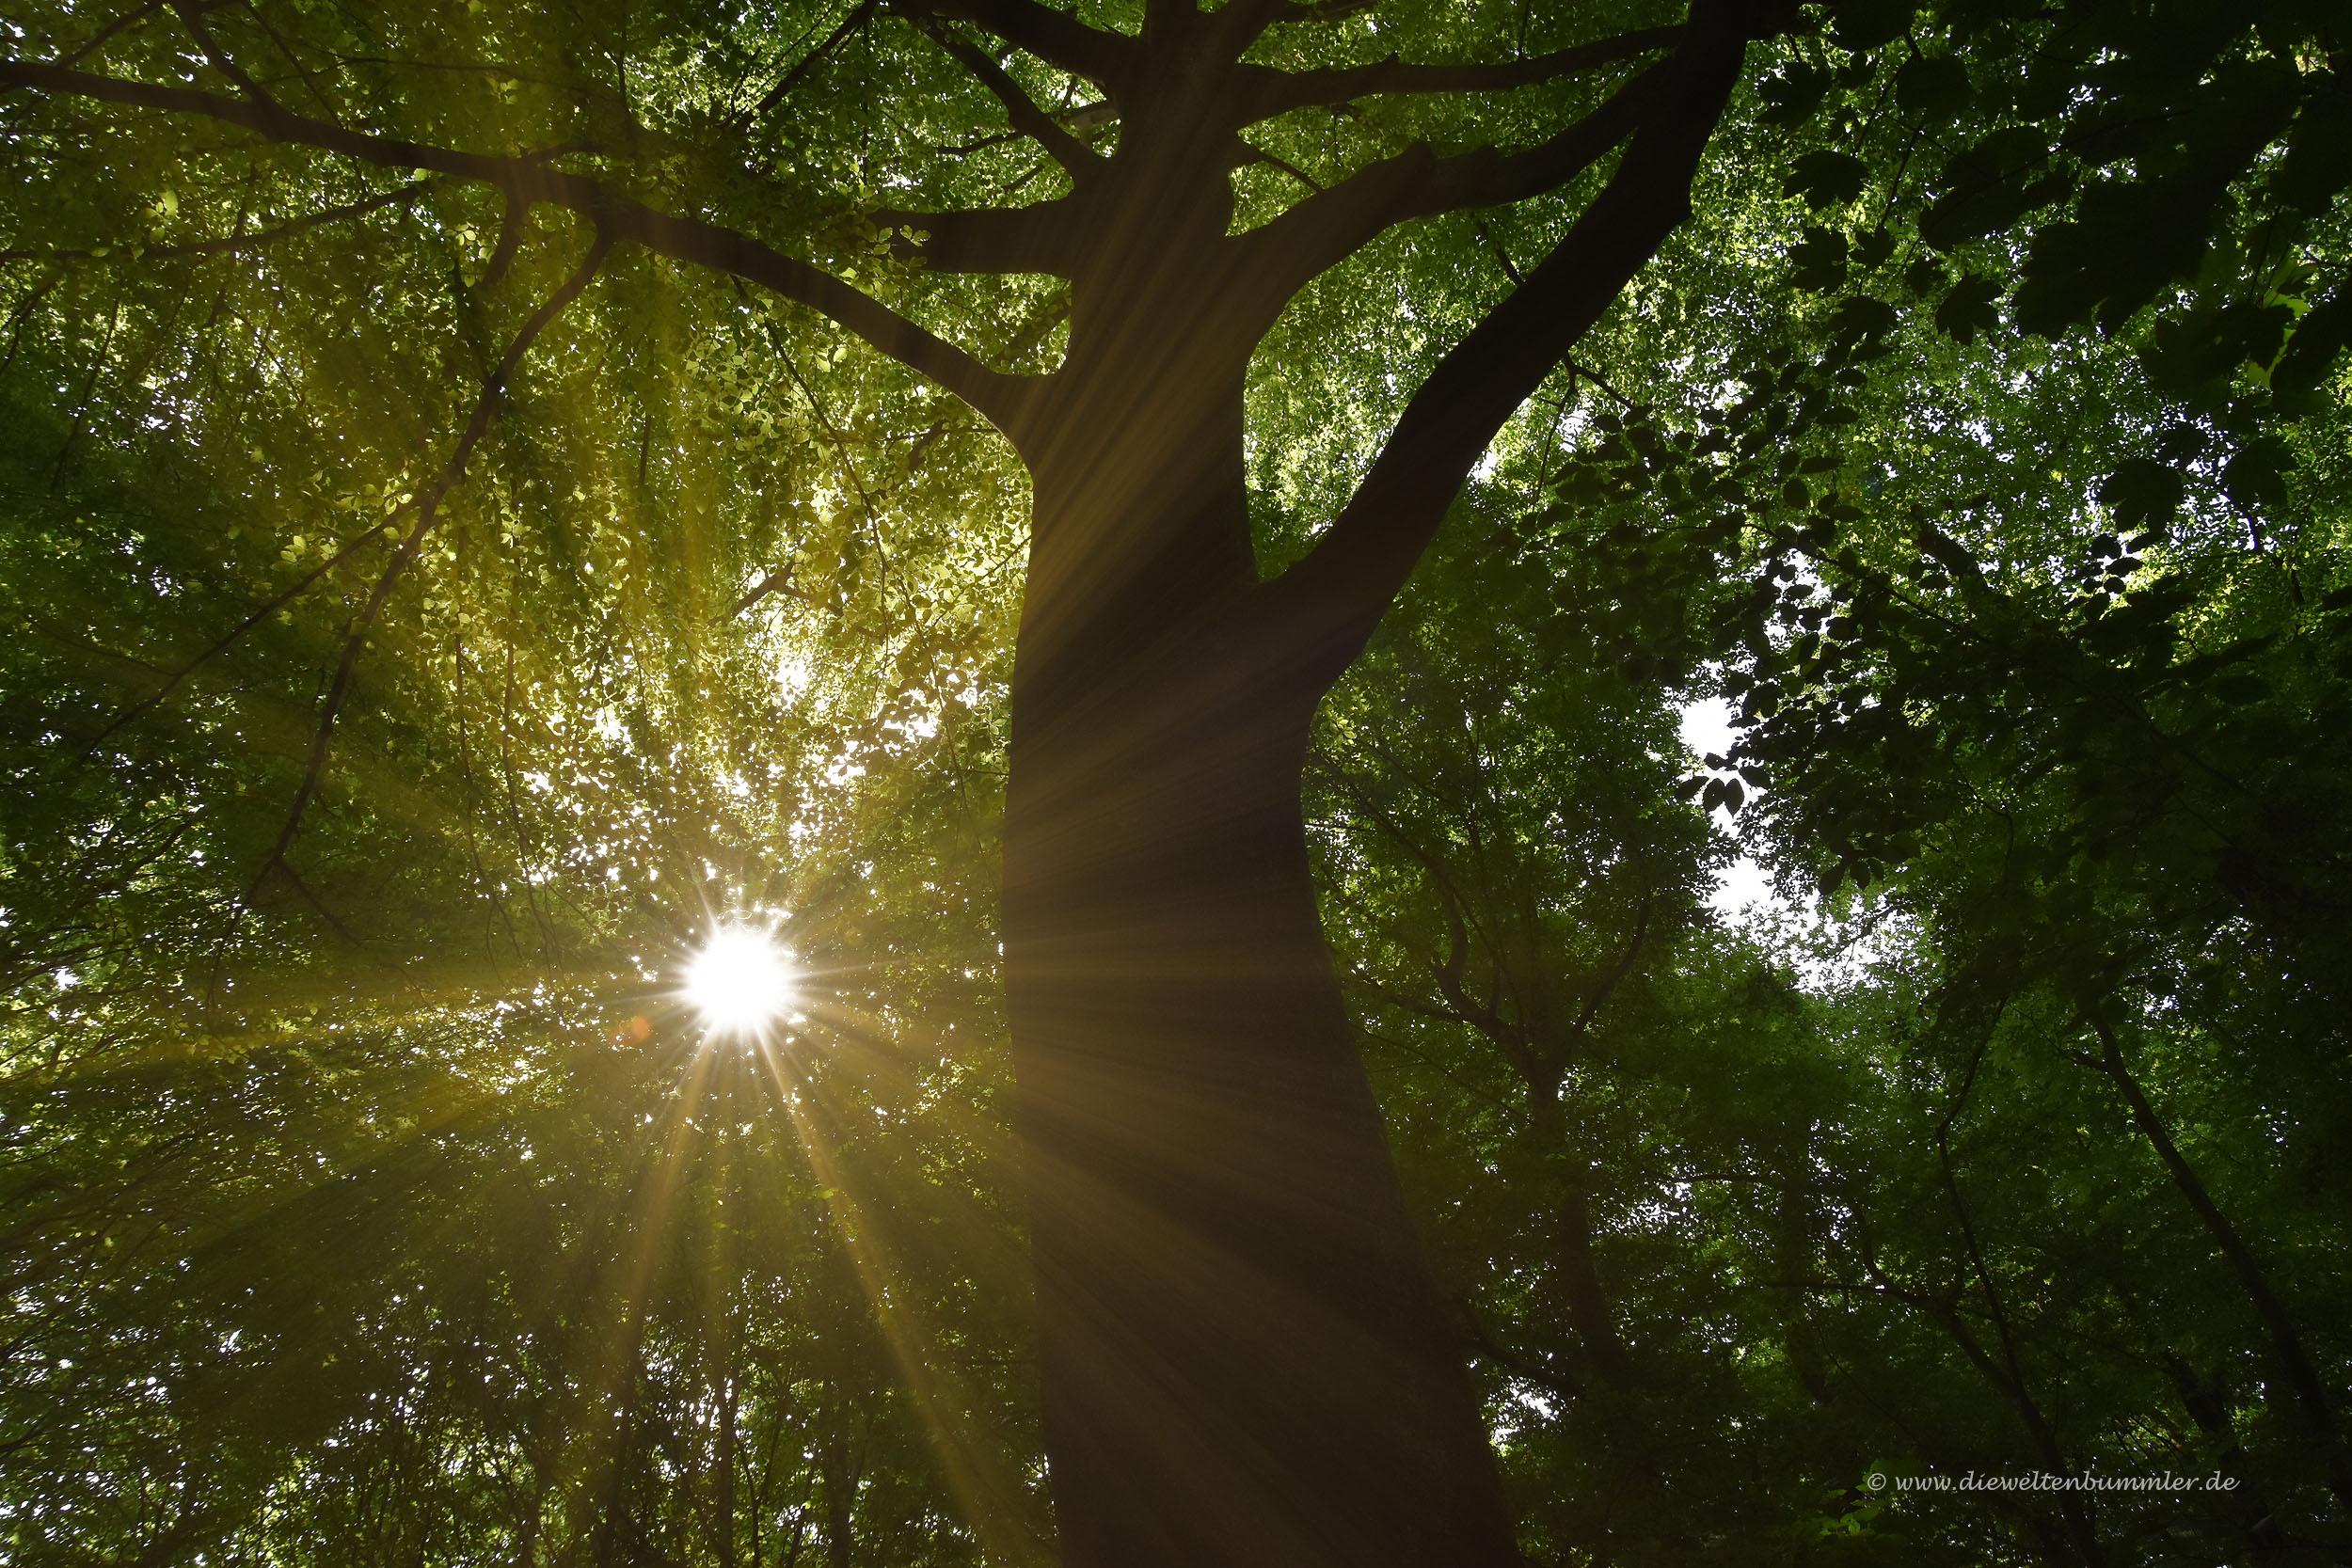 Die Sonne blinzelt durch die Blätter